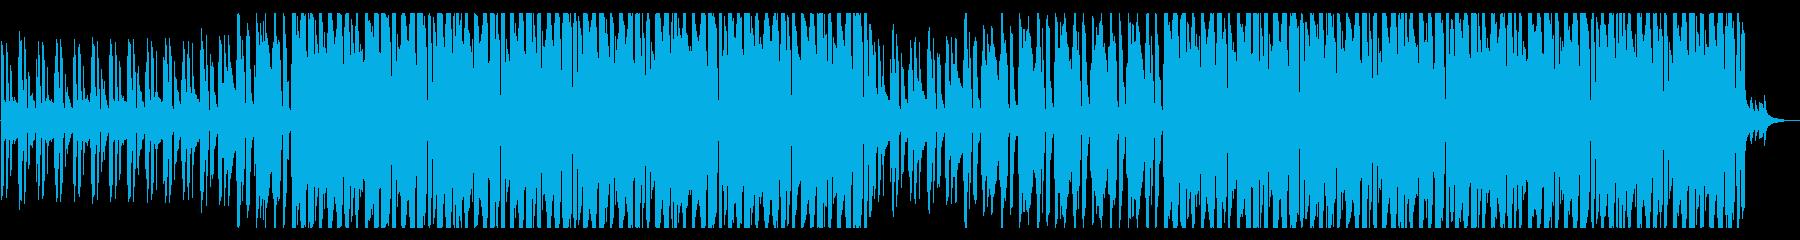 ローファイヒップホップ_No412の再生済みの波形